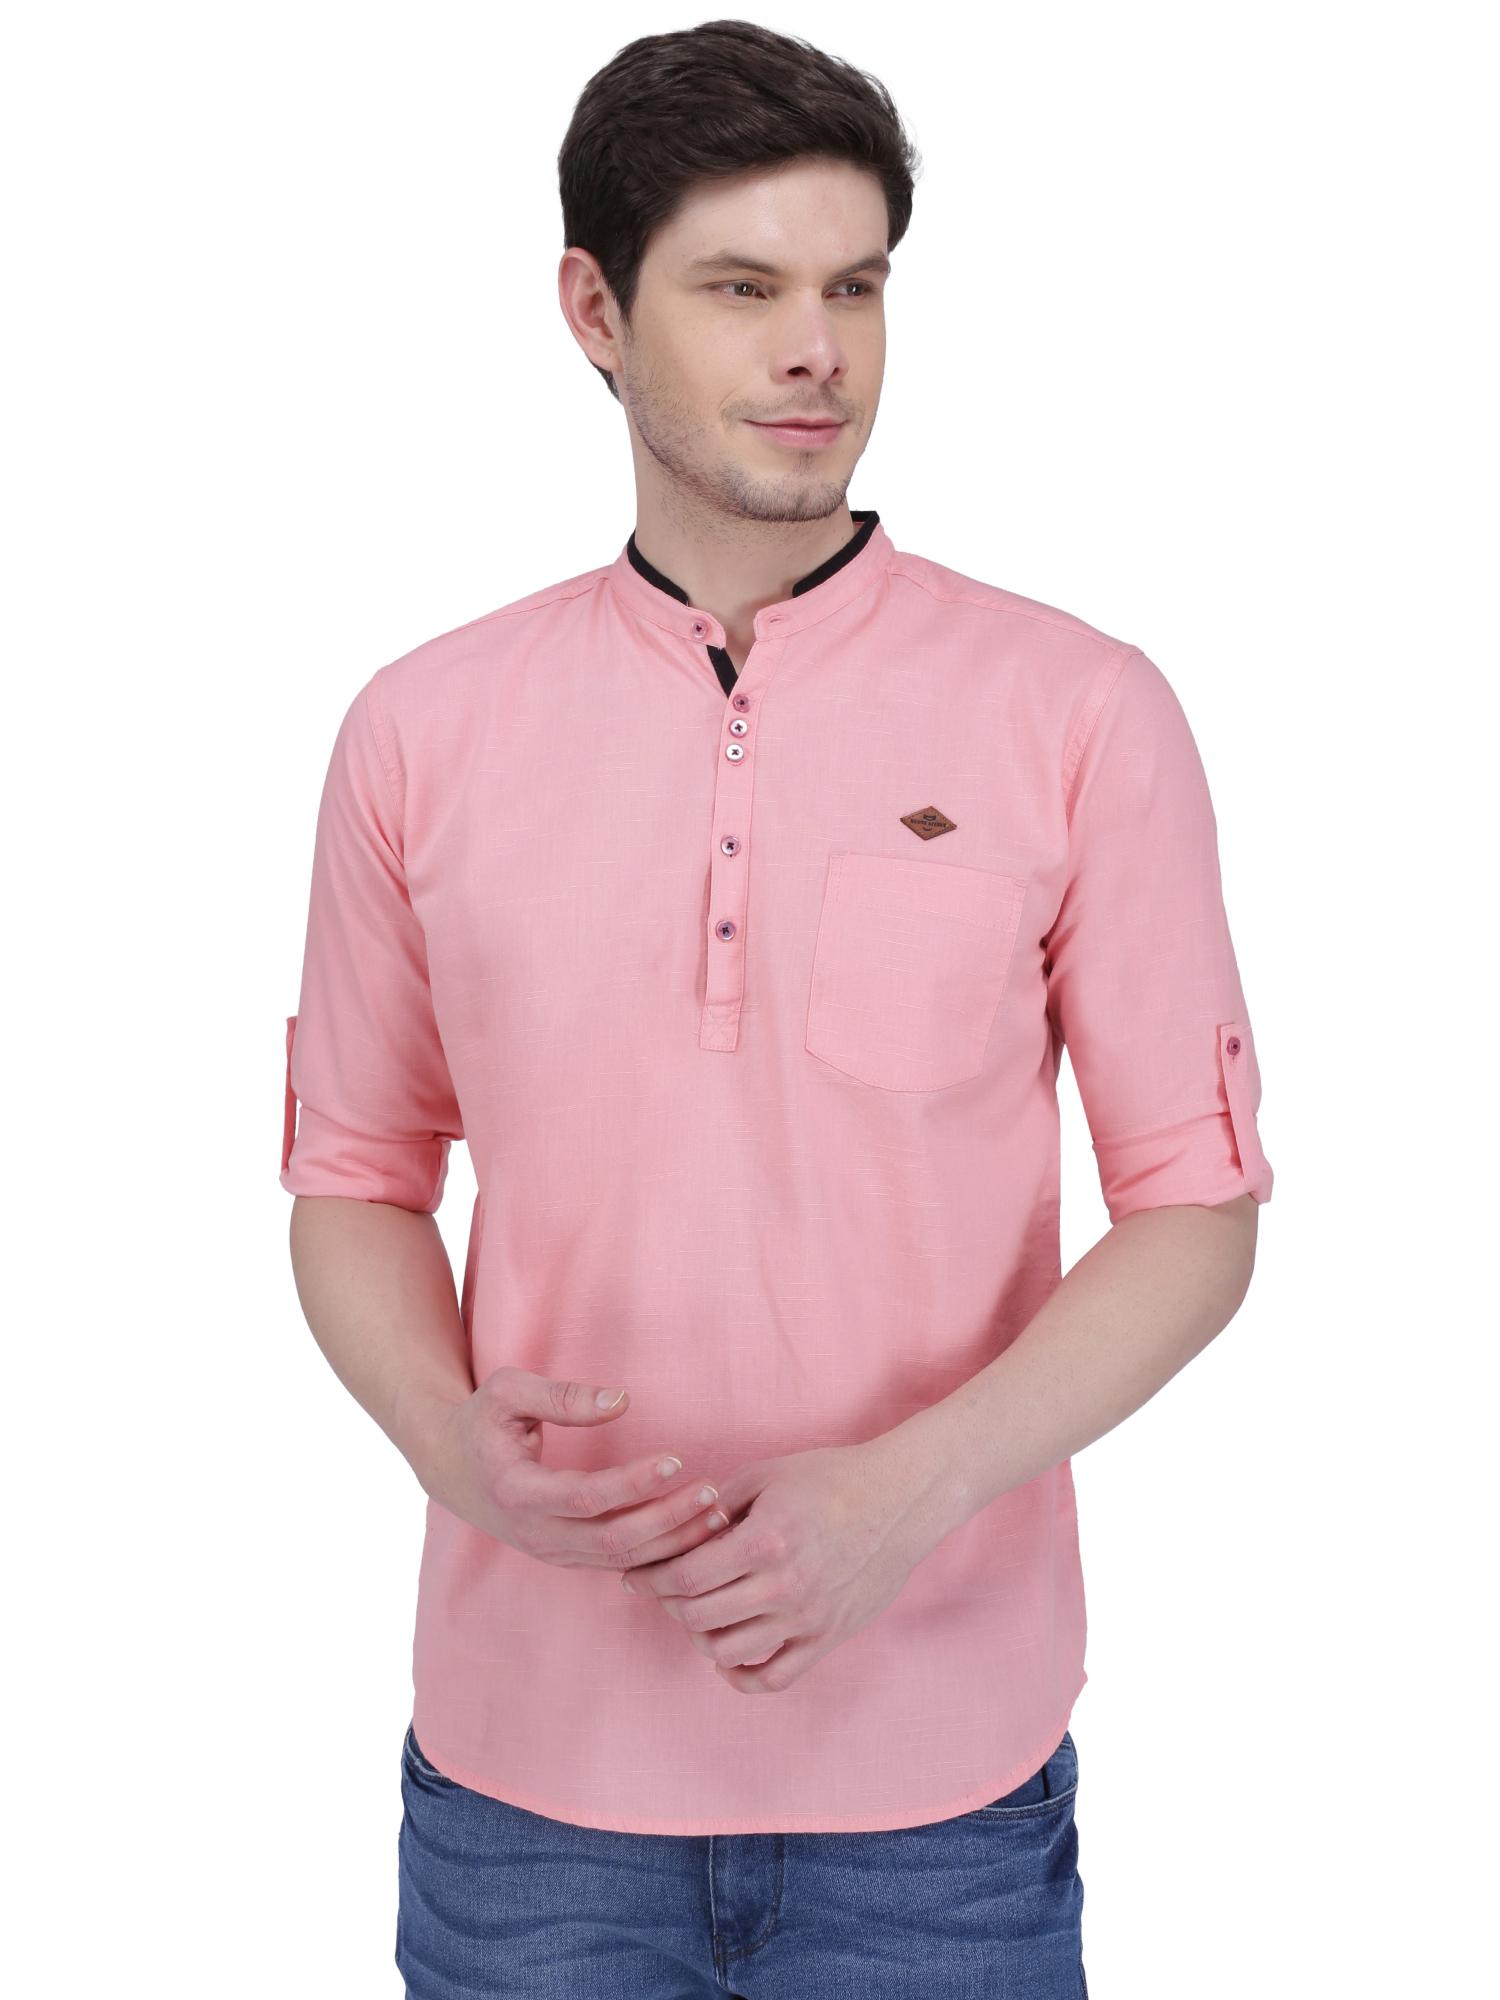 Kuons Avenue | Kuons Avenue Men's Blush Pink Linen Cotton Short Kurta- KACLFS1318PK